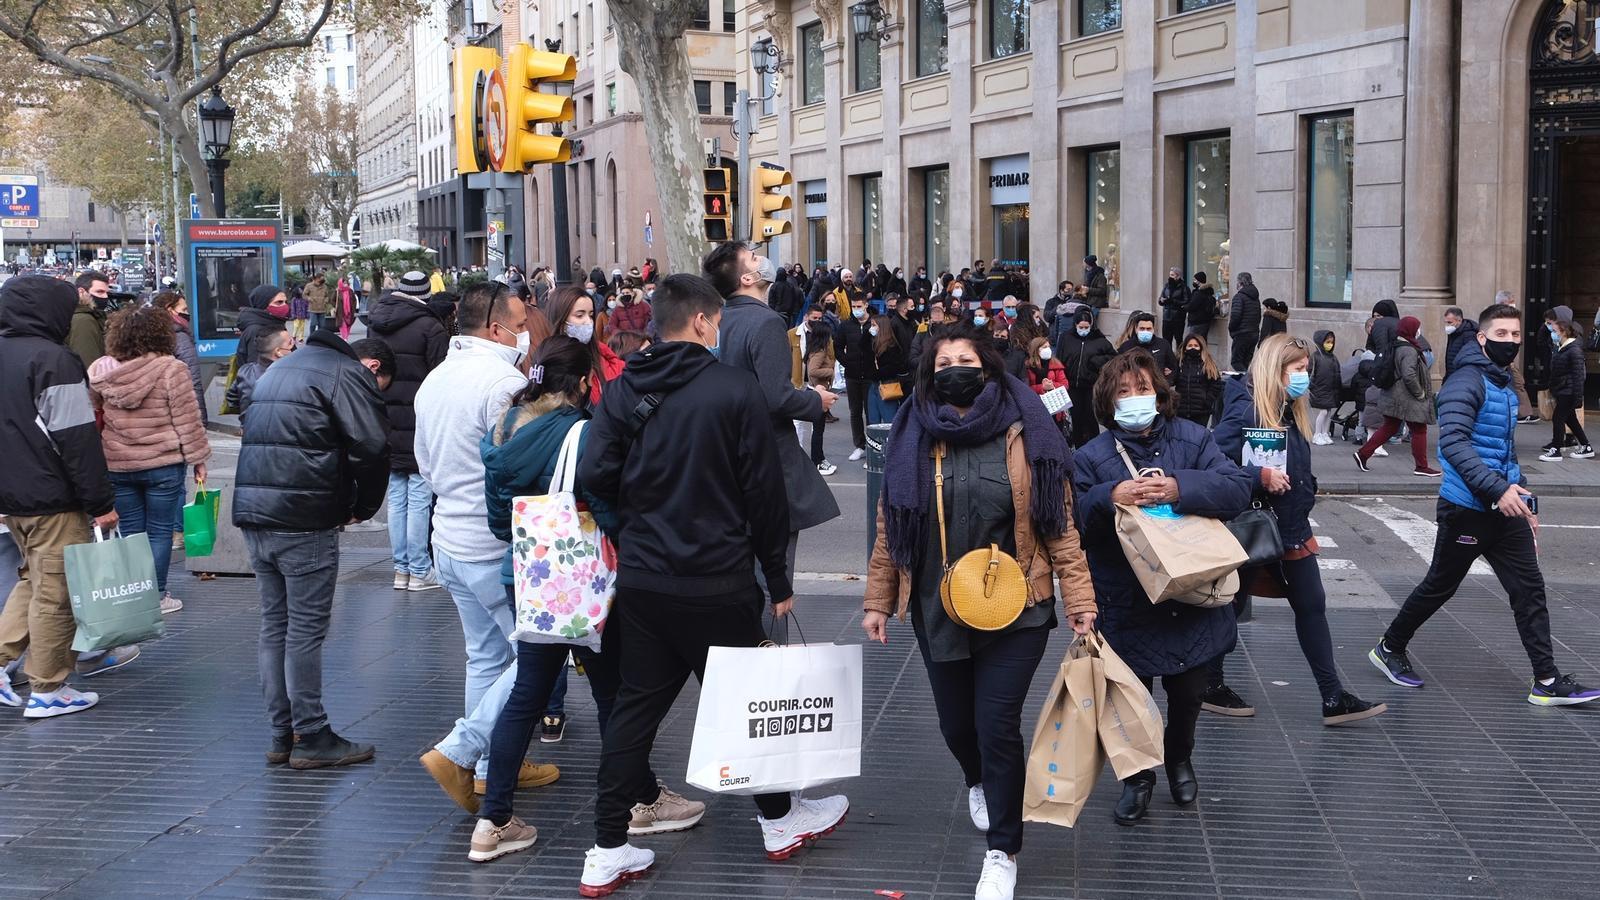 Diverses persones amb mascareta passejant i comprant aquest dimarts al centre de Barcelona.